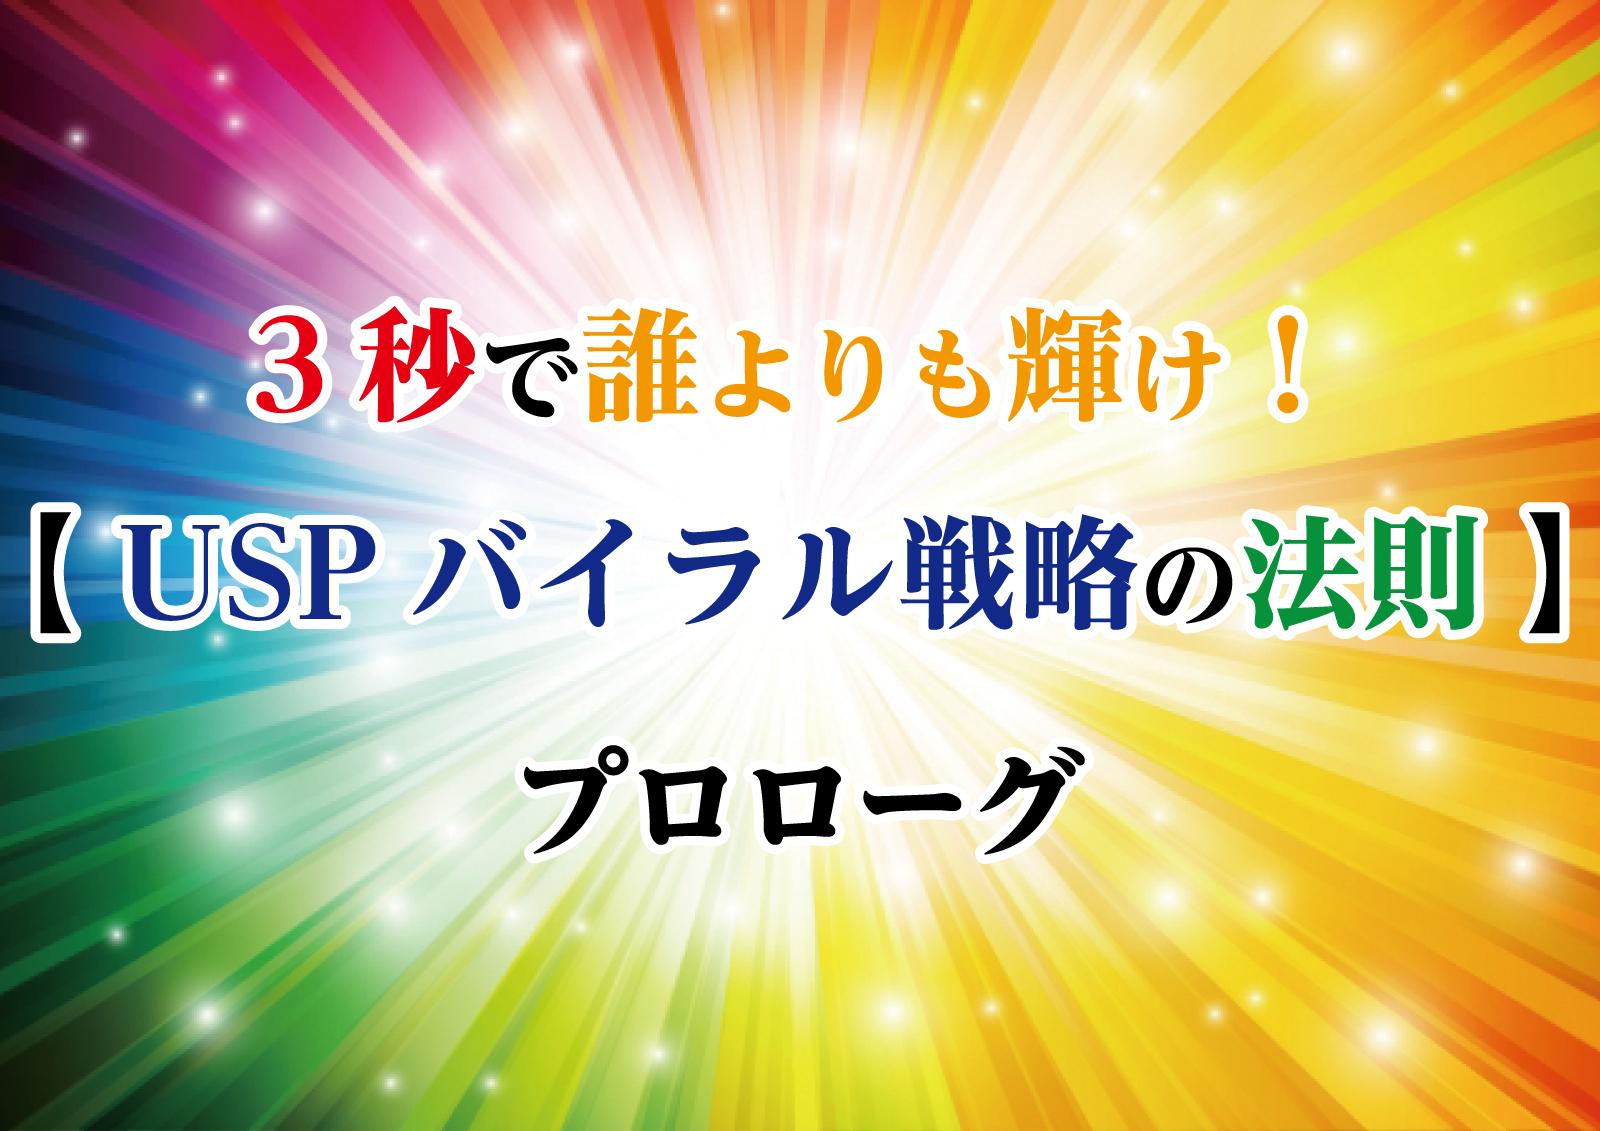 3秒で誰よりも輝け!選ばれる起業家のためのUSP!~プロローグ~のサムネイル